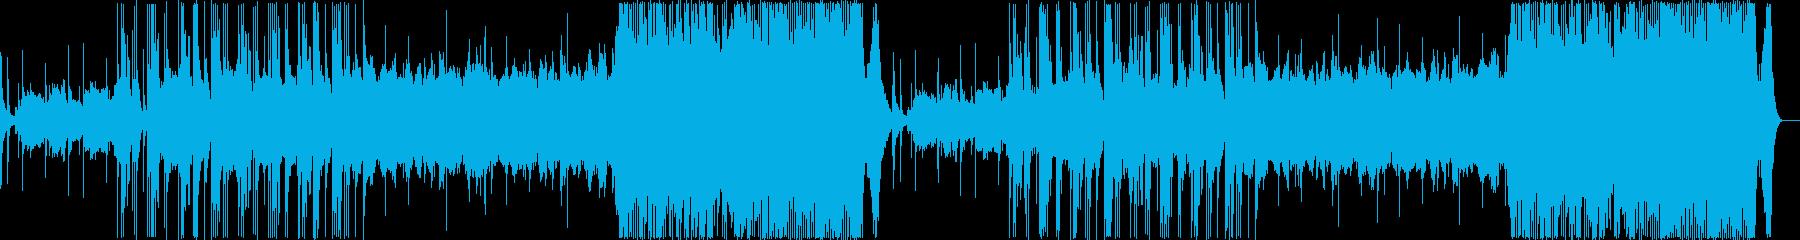 津軽三味線が印象的で、壮大な和風曲の再生済みの波形